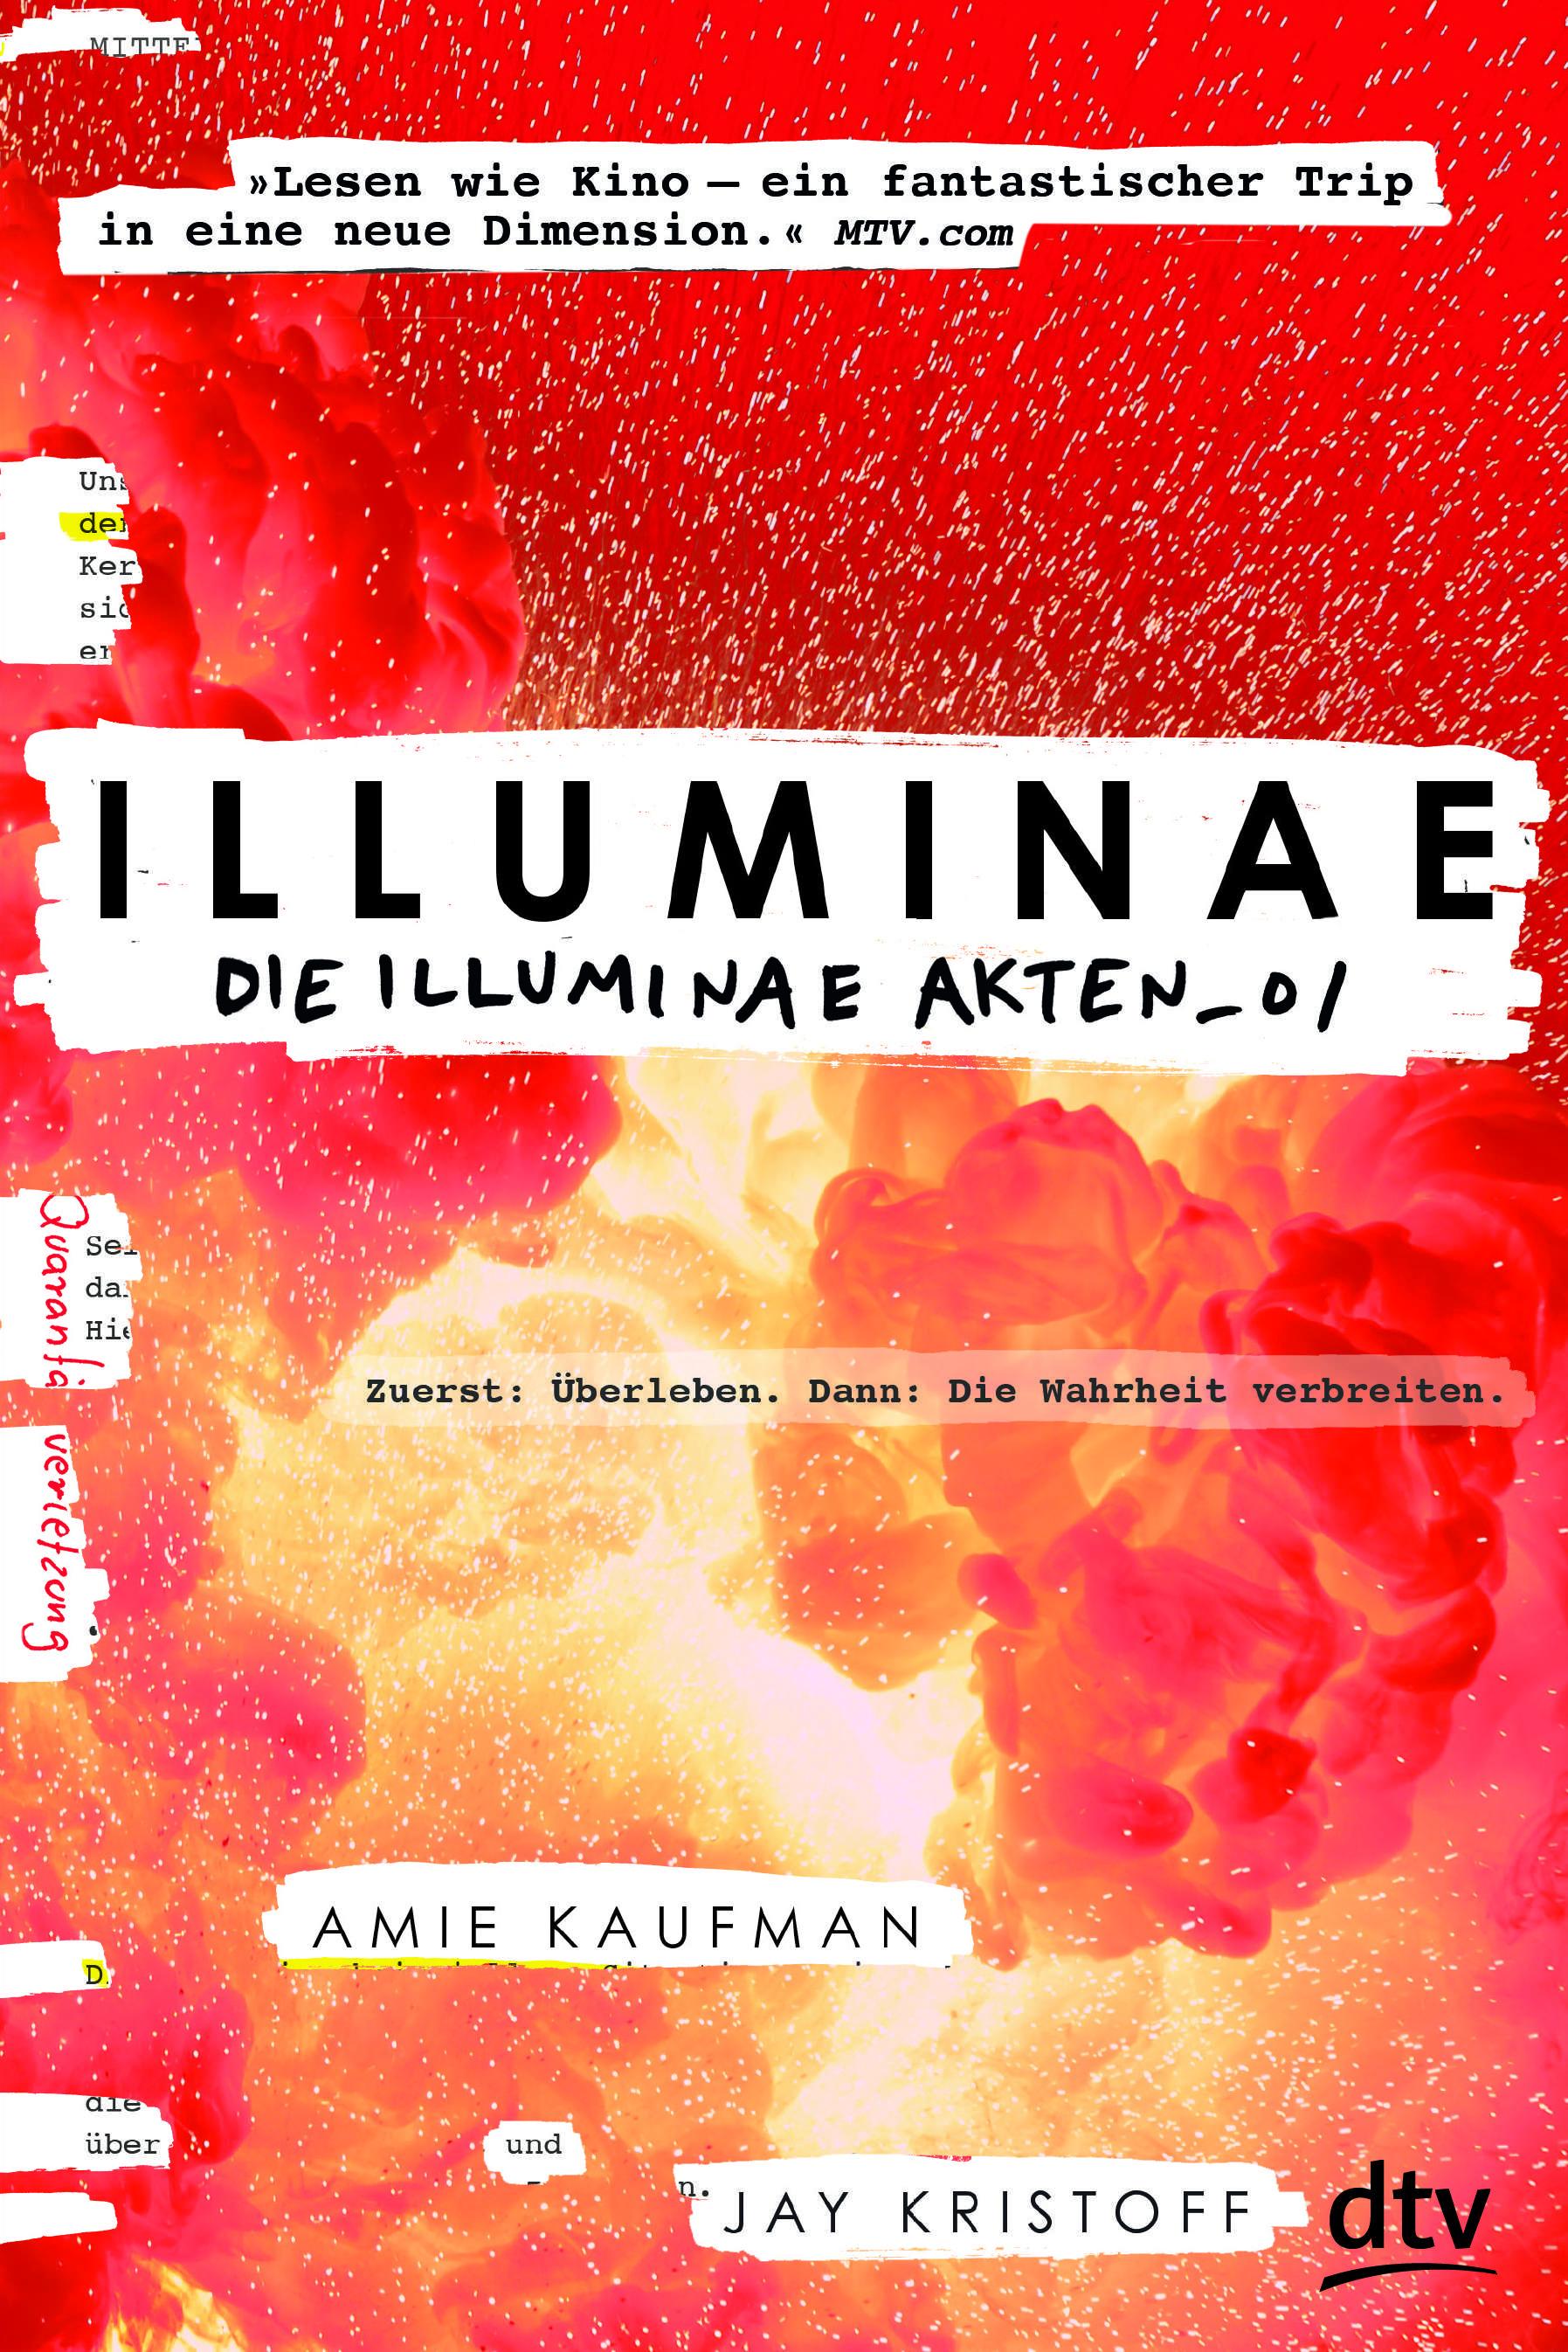 Amie Kaufman, Jay Kristoff, Die Illuminae-Akten 01